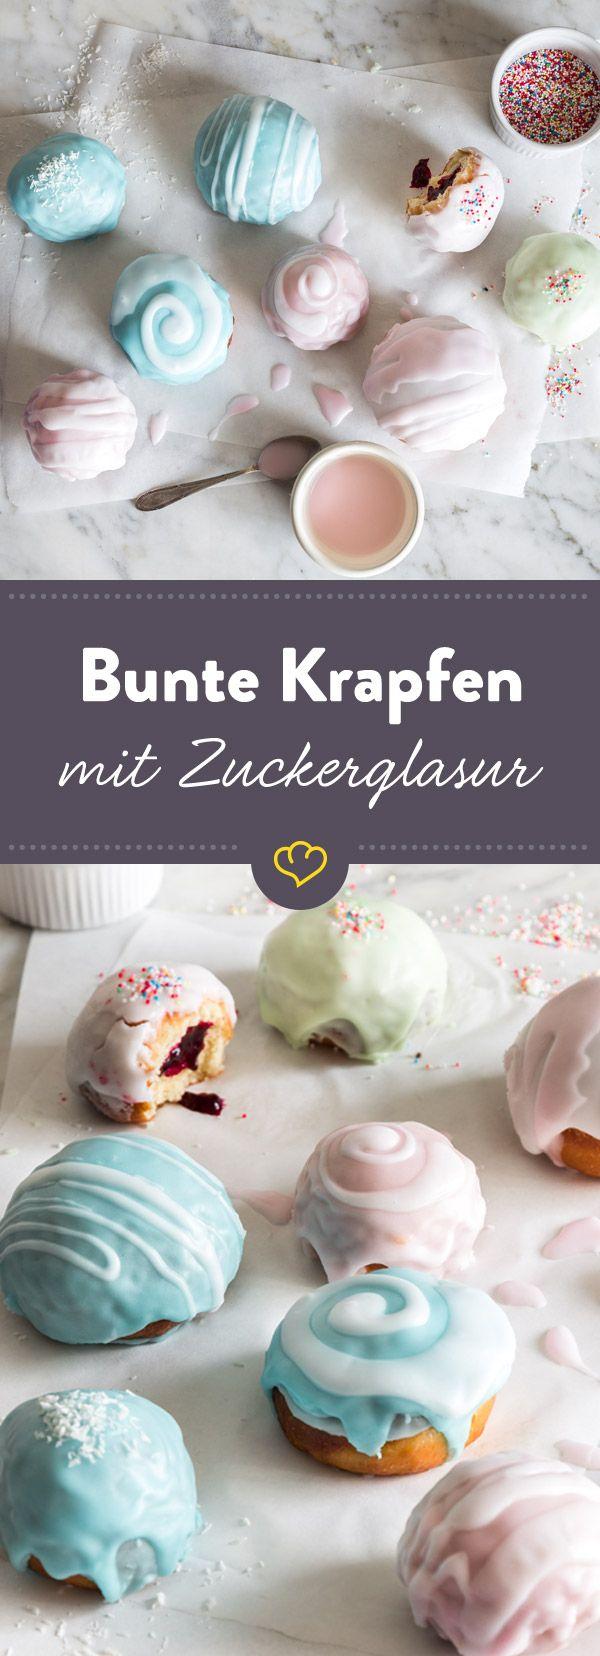 Warum nur mit Puderzucker bestreuen wenn es auch bunten Zuckerguss gibt? Diese klassisch gefüllten Berliner mit Pastellhäubchen wirst du lieben.